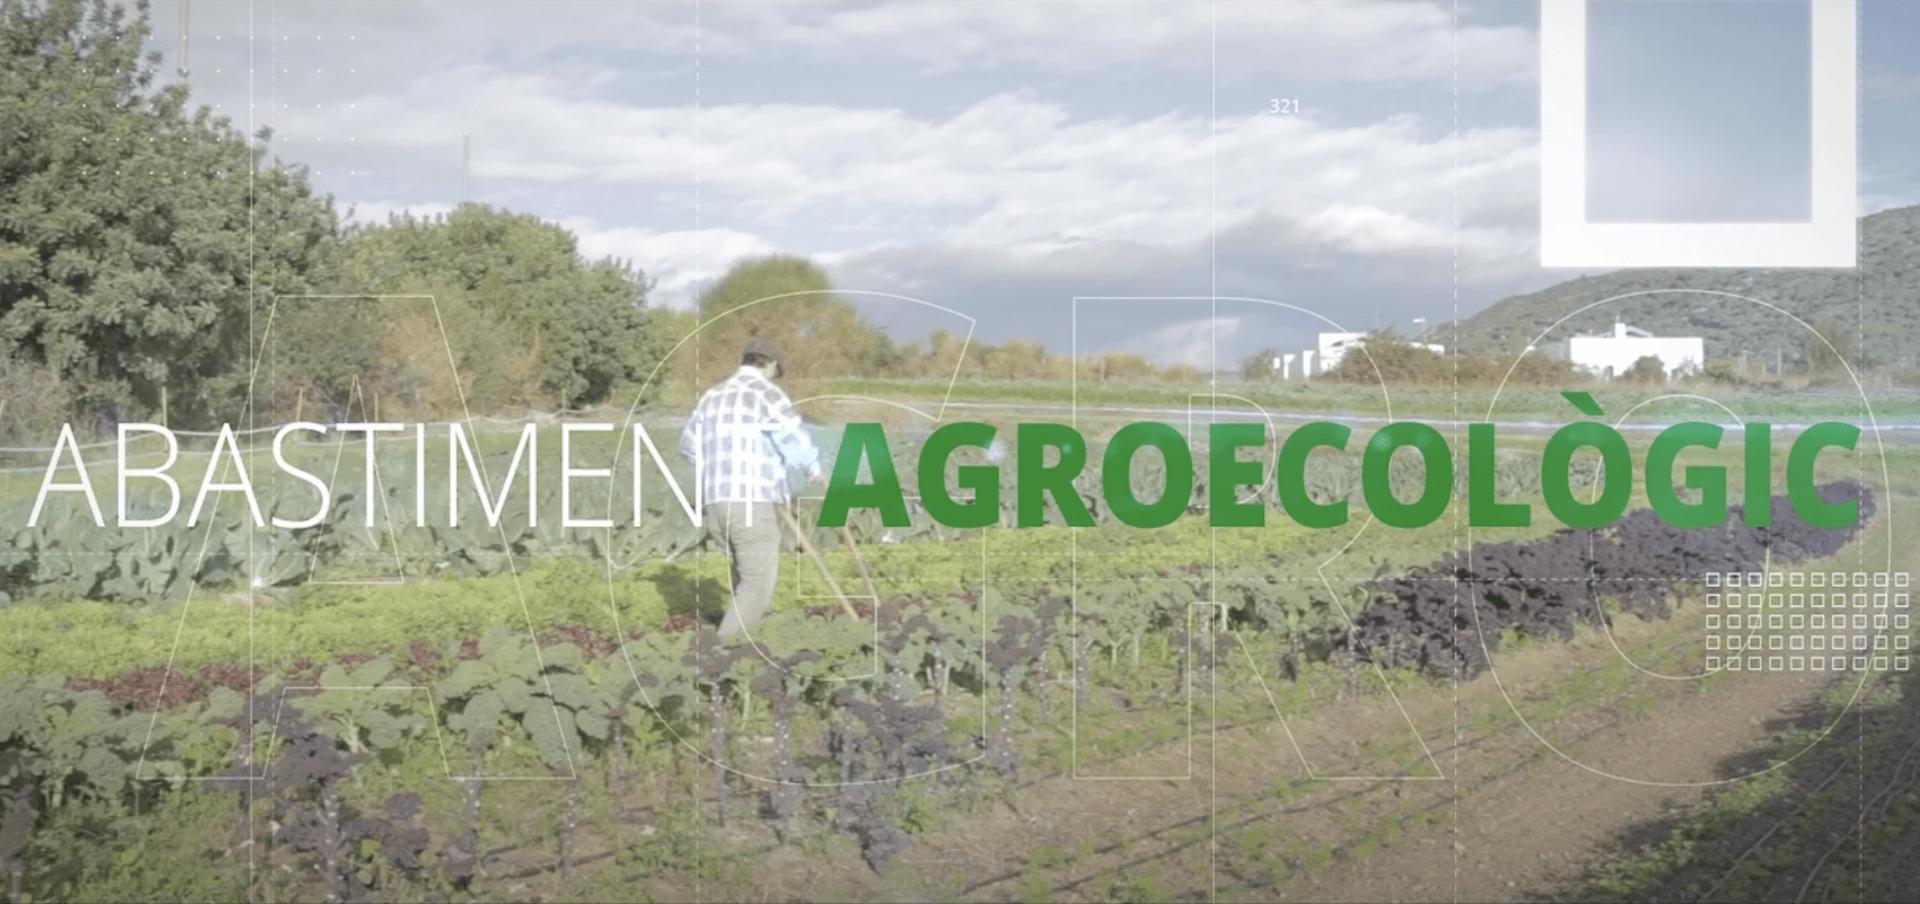 abastiment agroecològic